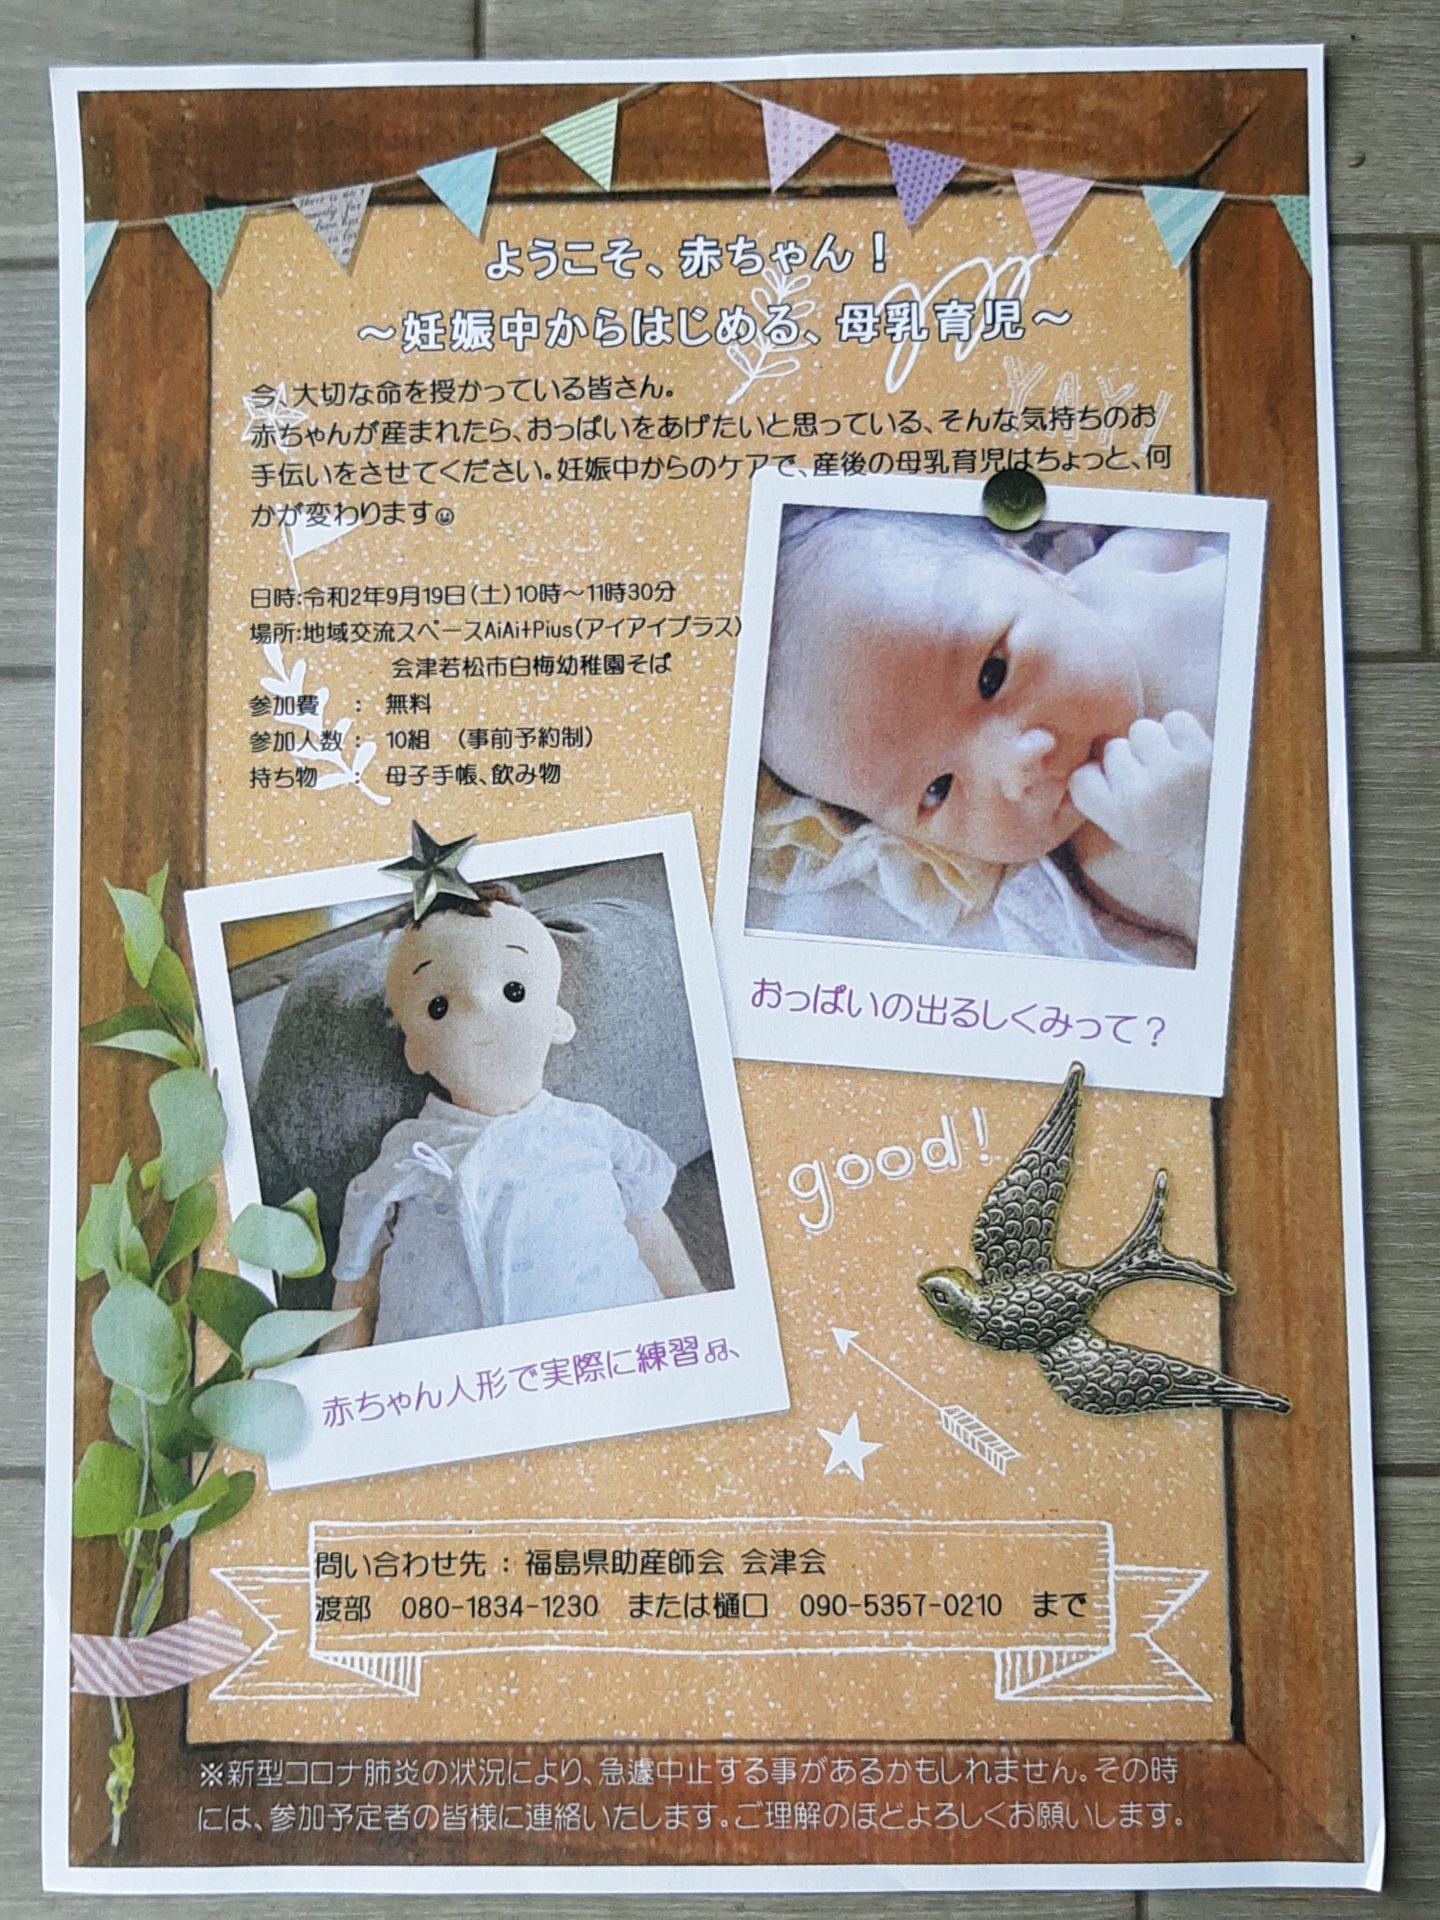 ようこそ、赤ちゃん!~妊娠中からはじめる、母乳育児~in会津